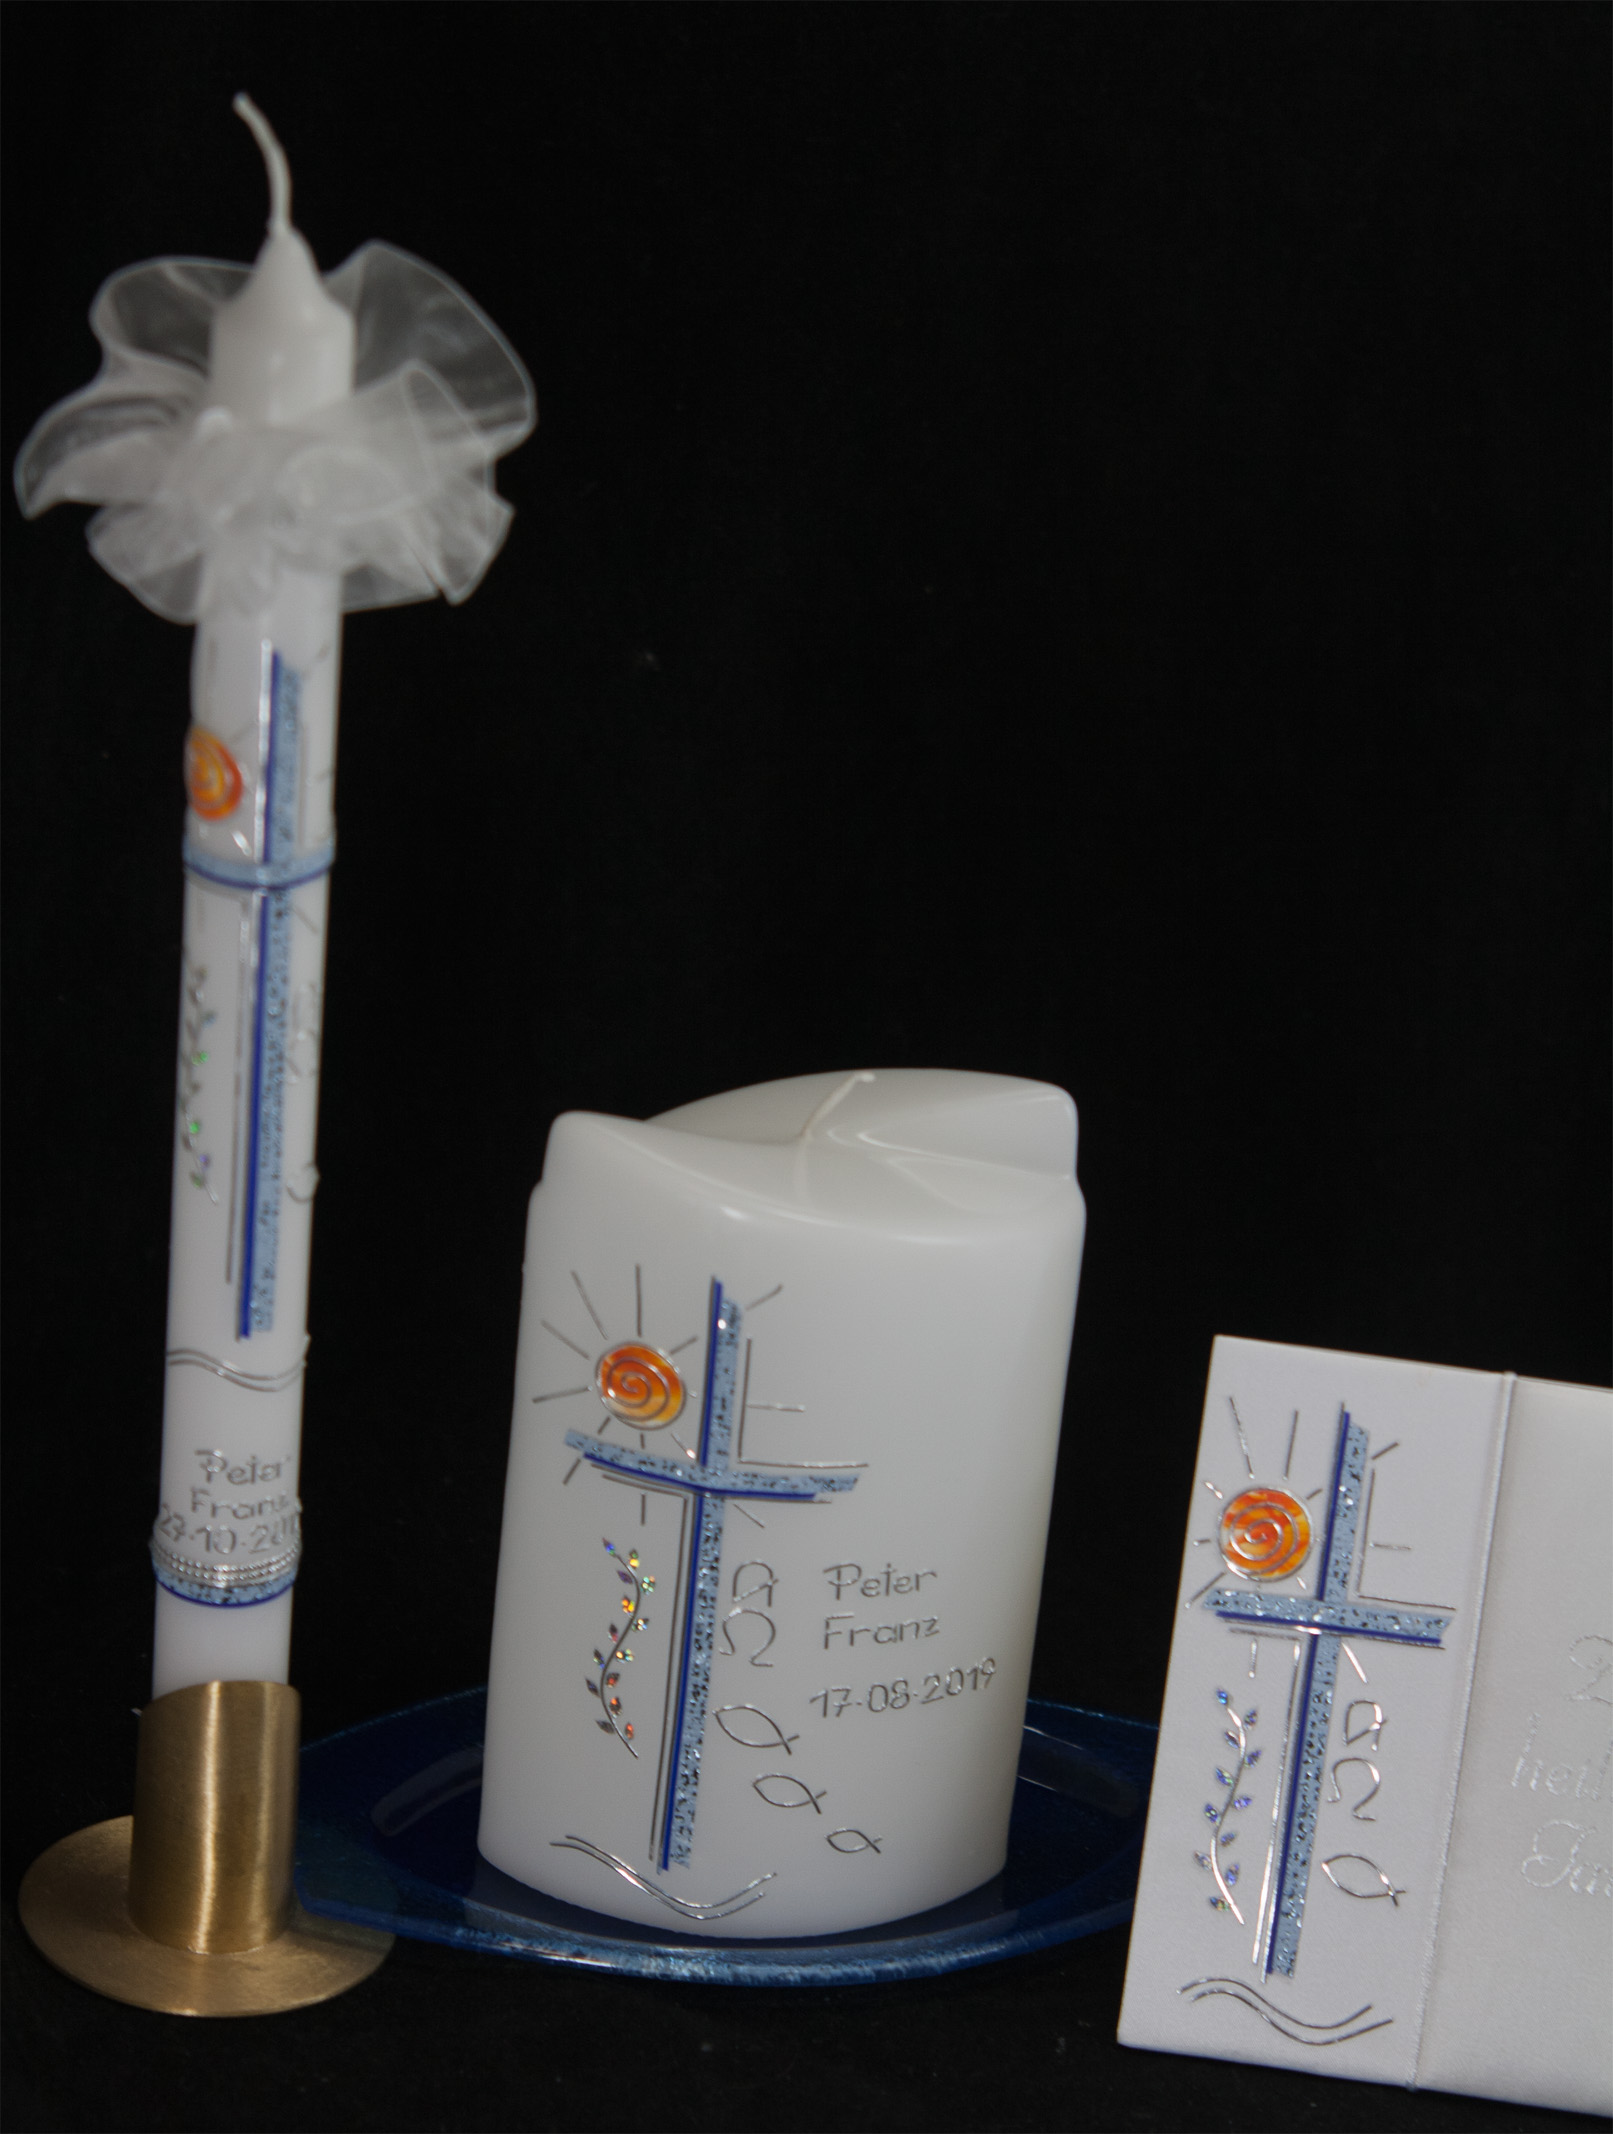 Kerzenmeileat